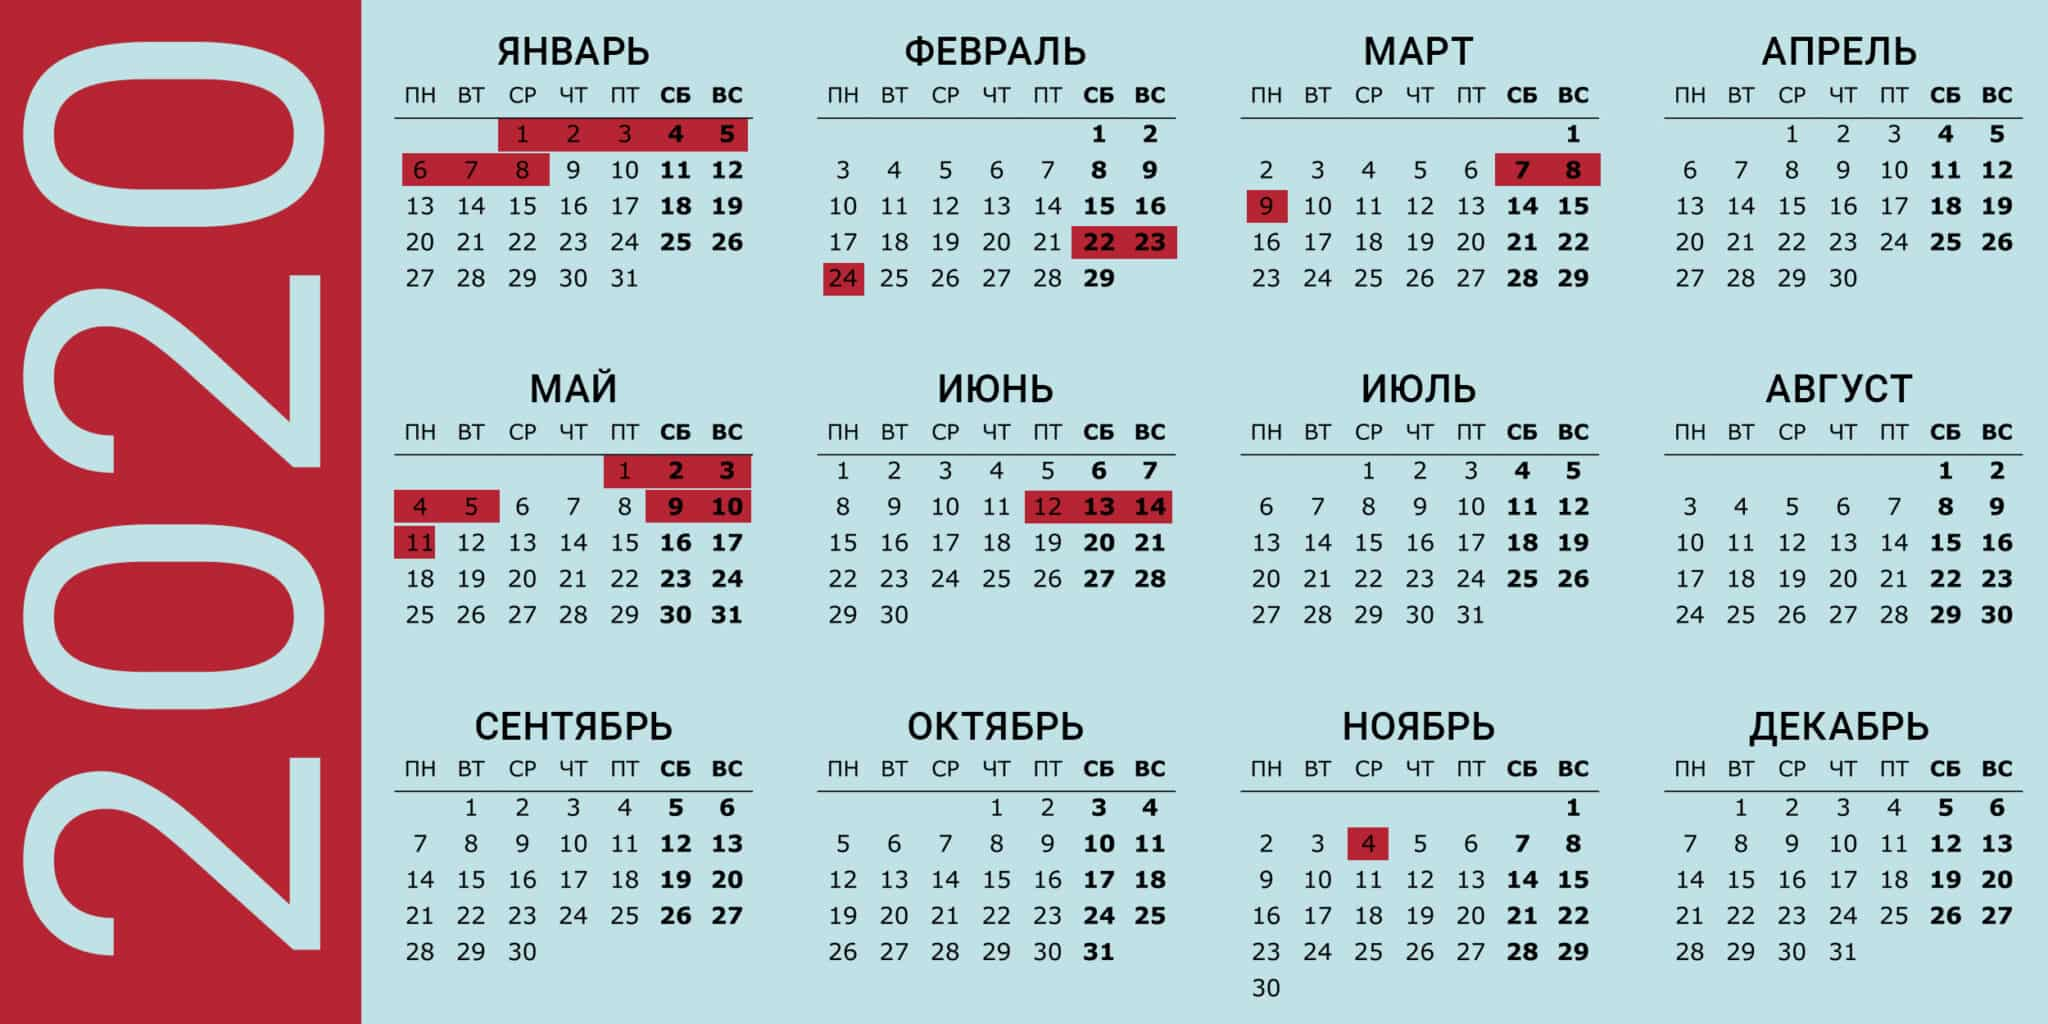 Как будем отдыхать на майские и январские праздники в 2020 году: выходные дни в России